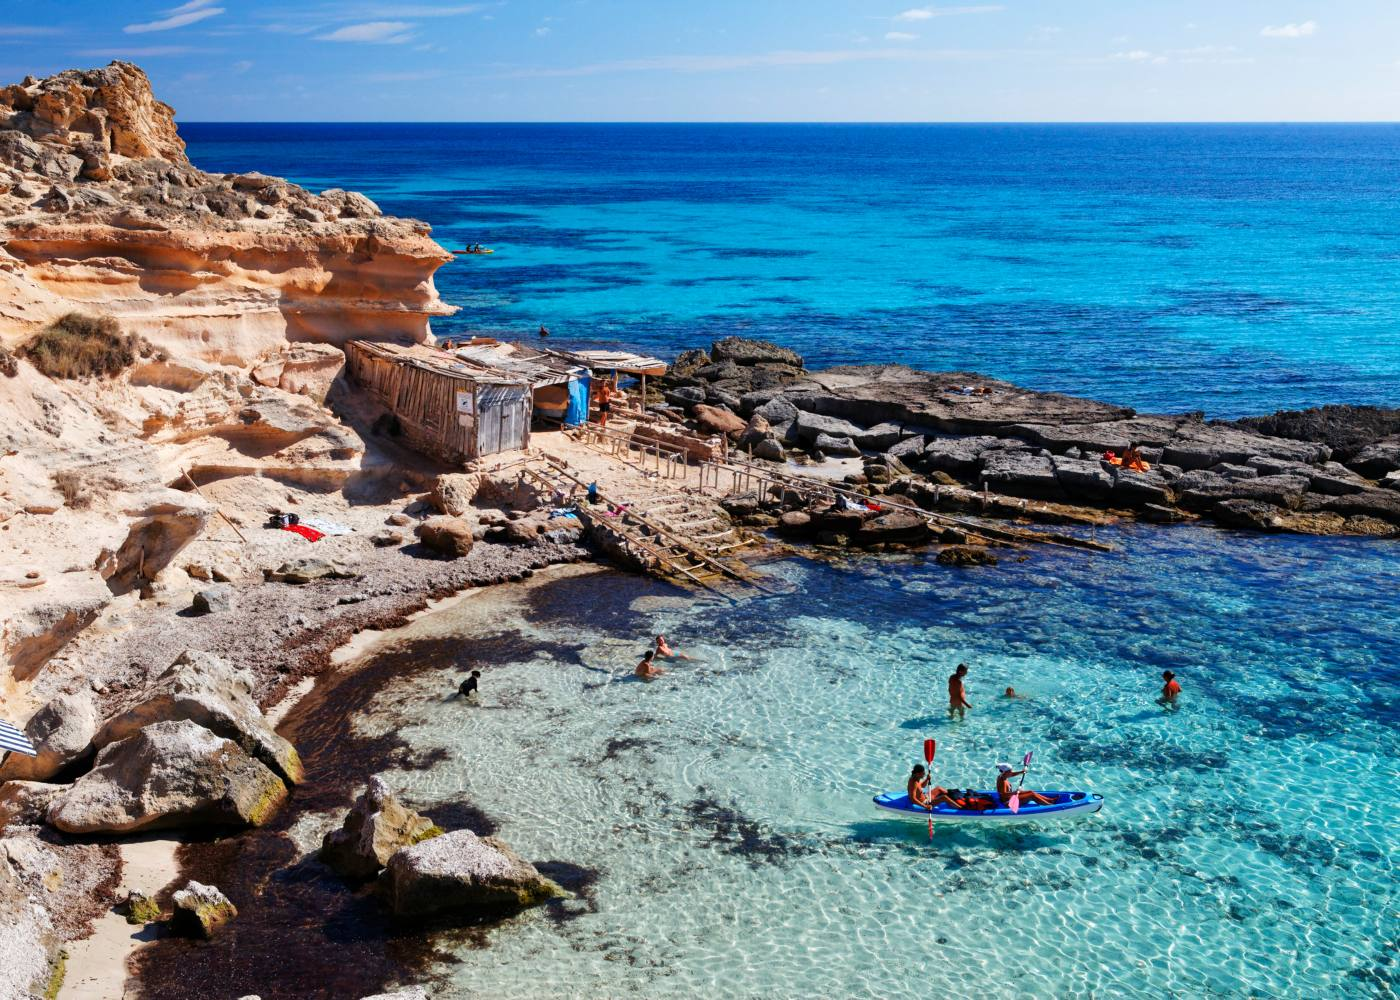 vista sobre praia rochosa com águas cristalinas